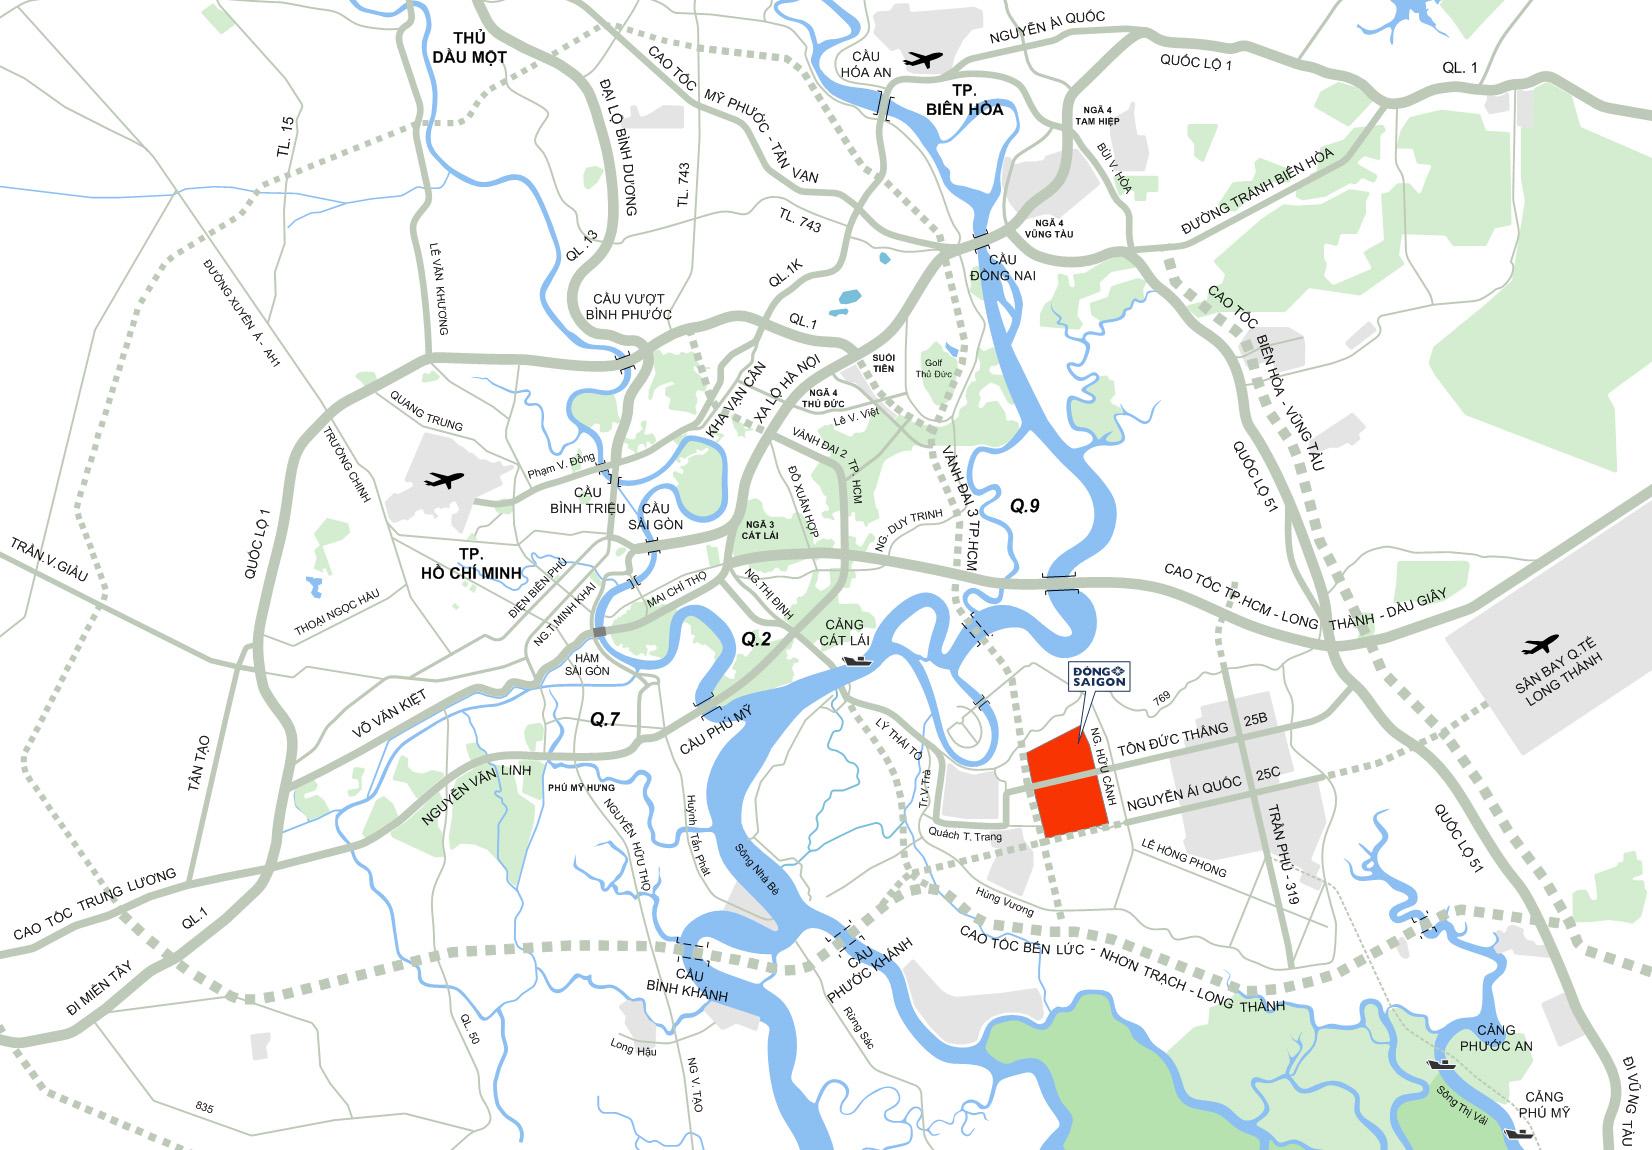 Bản đồ giao thông vùng